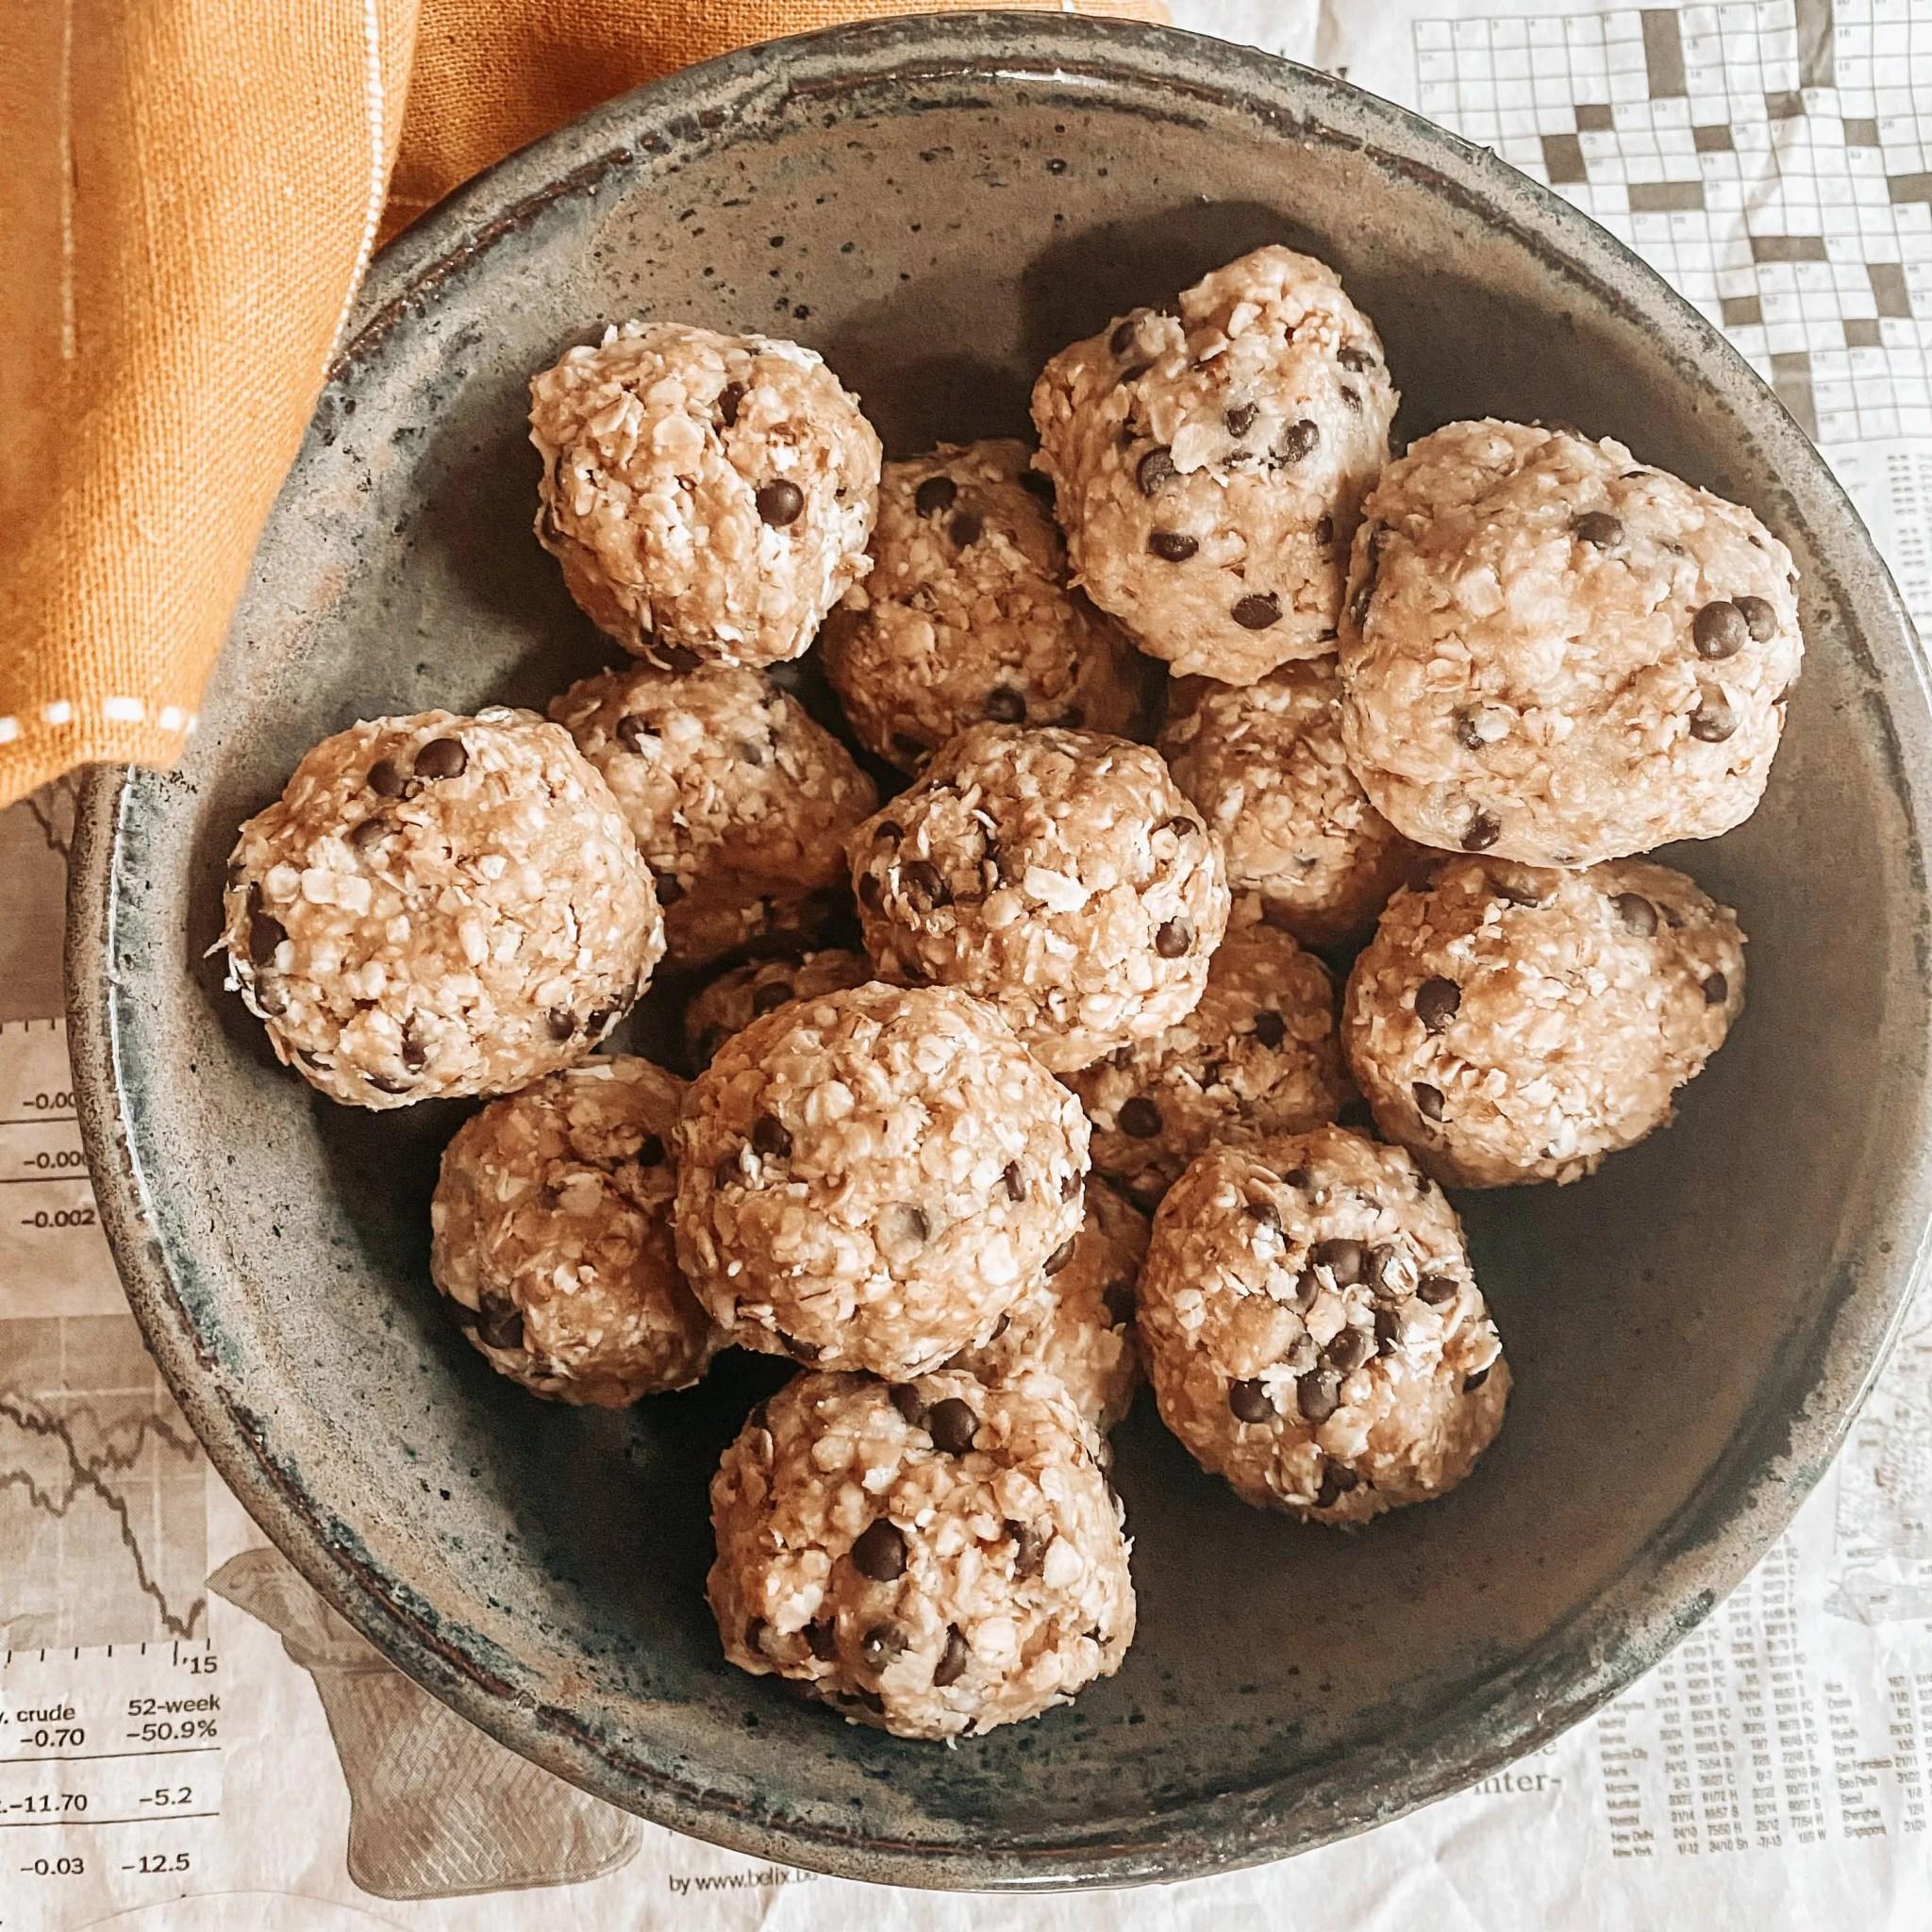 Recette d'energy balls faciles et rapides au beurre de cacahouète et sans datte